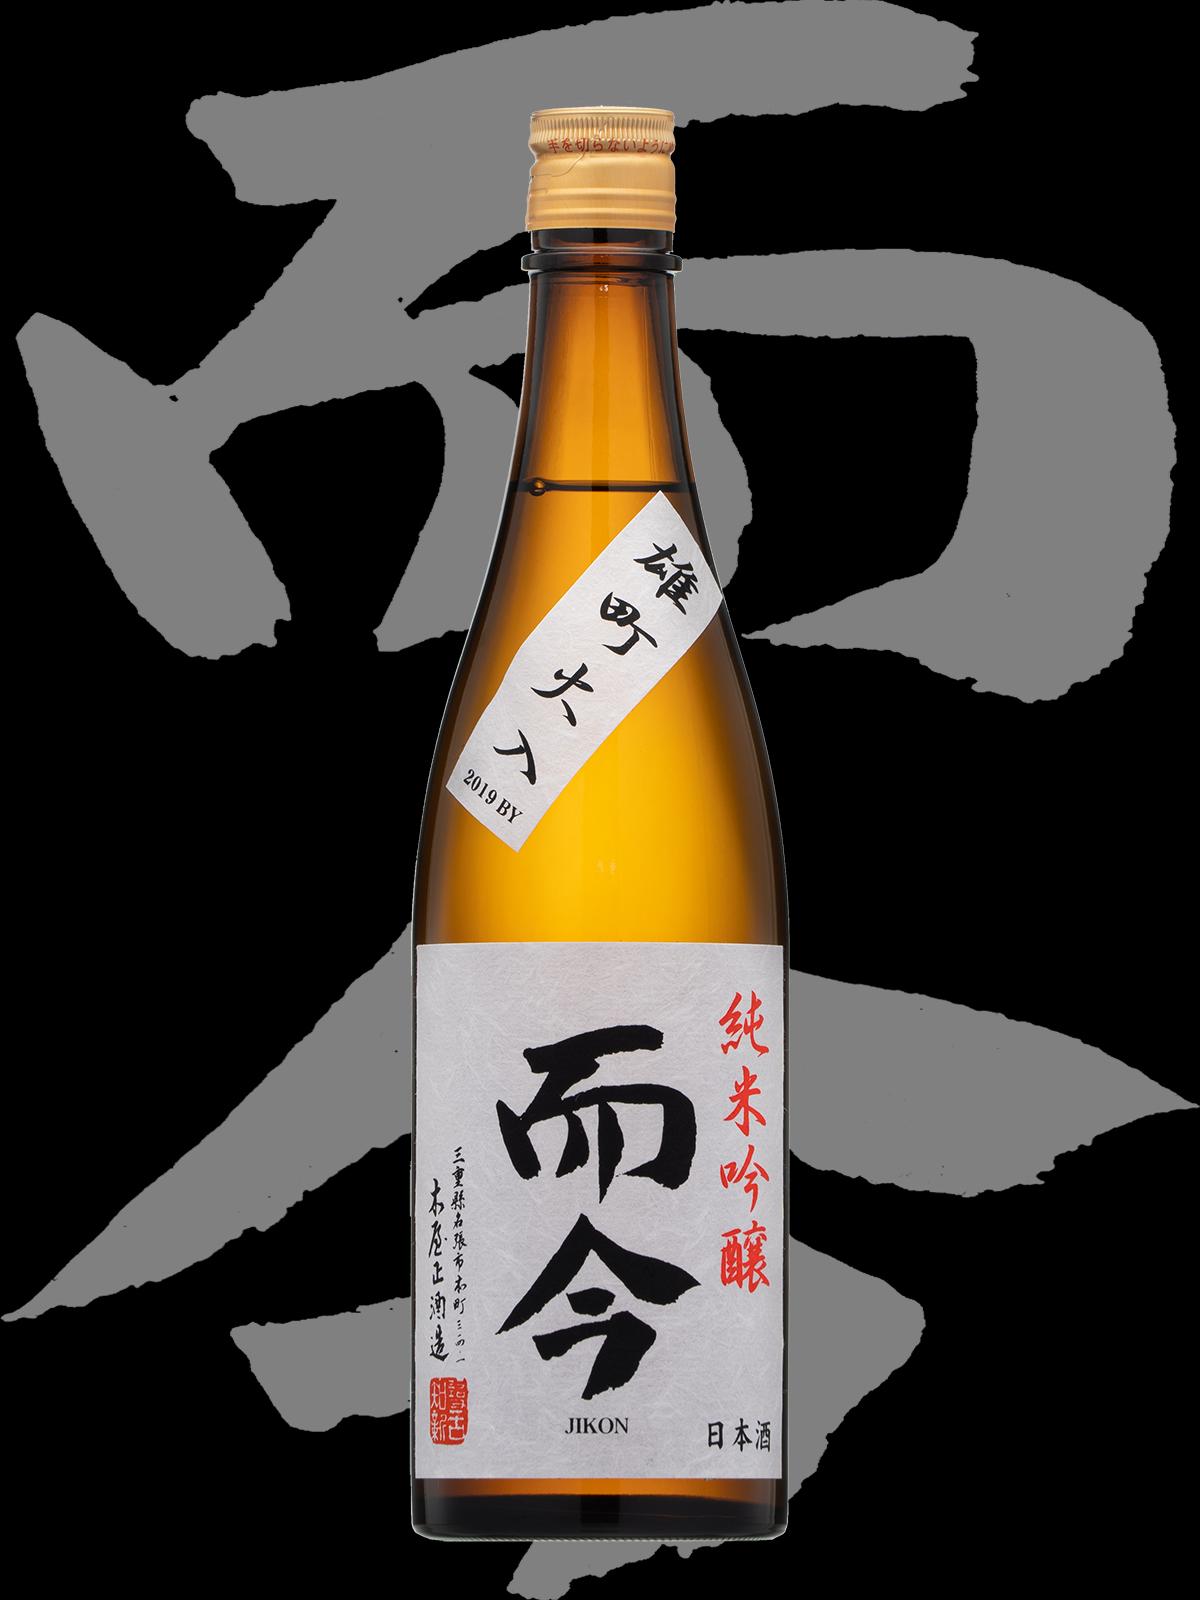 而今(じこん)「純米吟醸」雄町火入れ2019BY